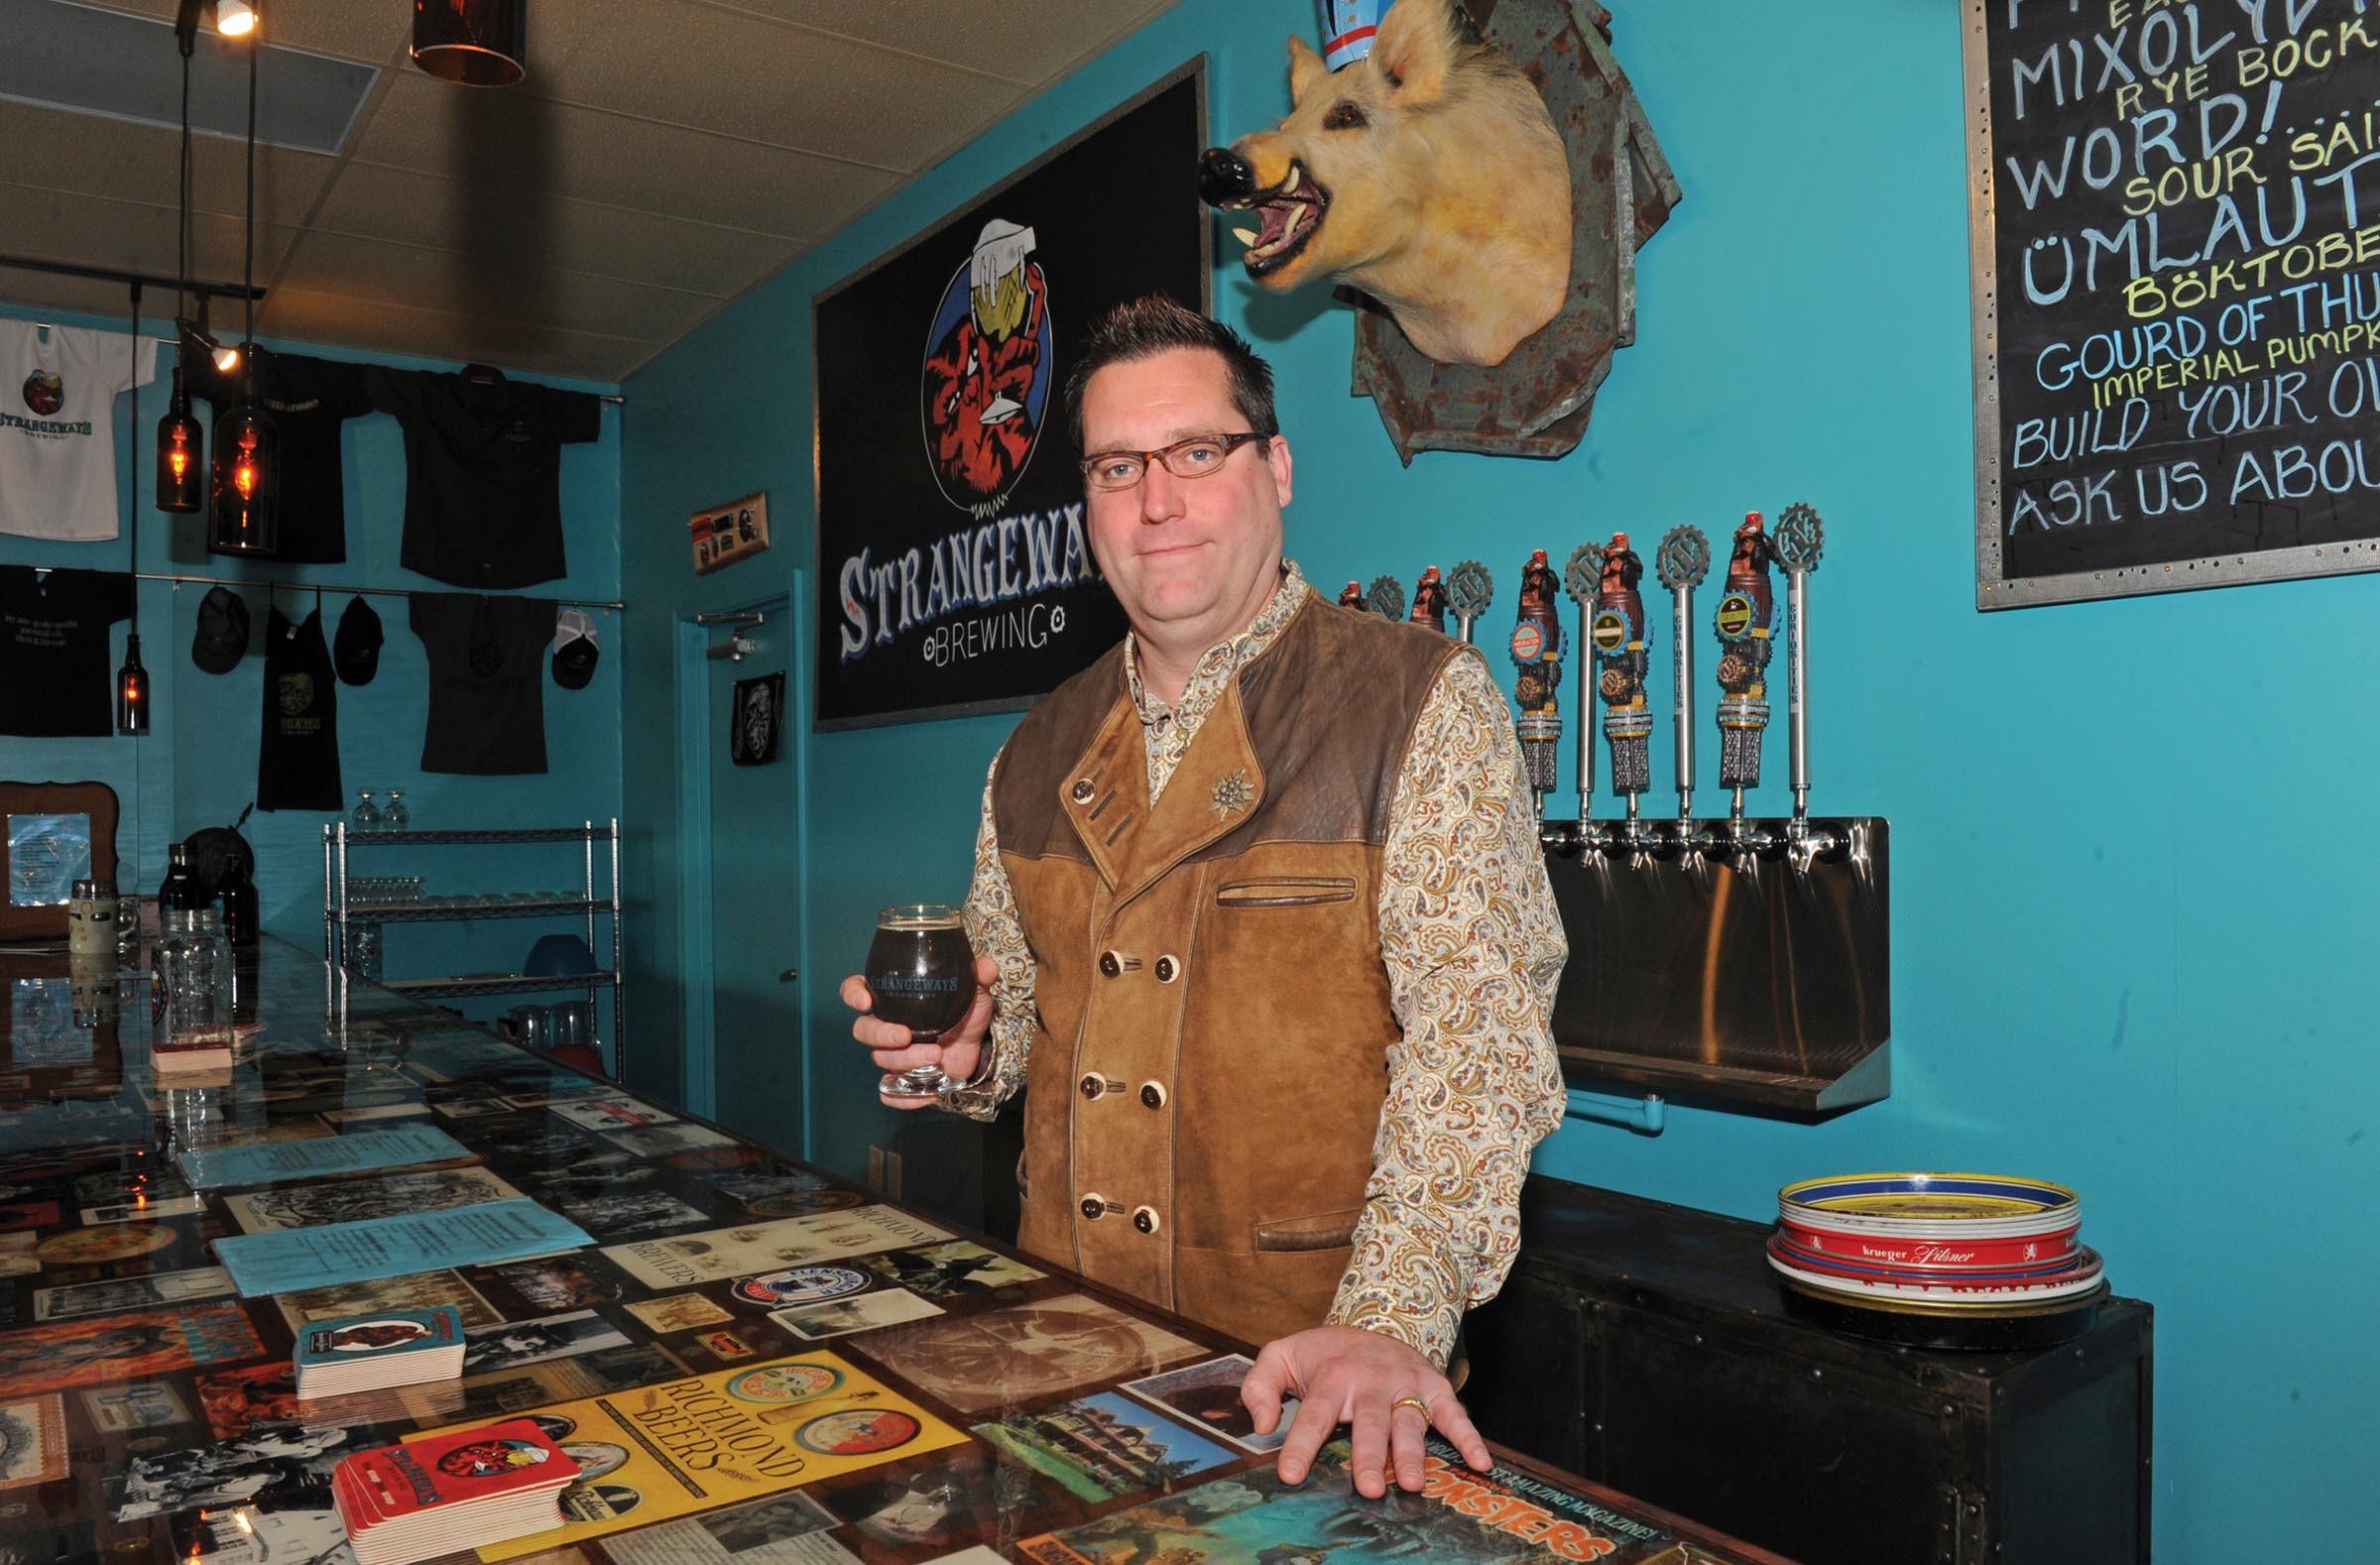 Strangeways Brewing founder Neil Burton with its Gourd of Thunder Imperial Pumpkin Porter. - SCOTT ELMQUIST